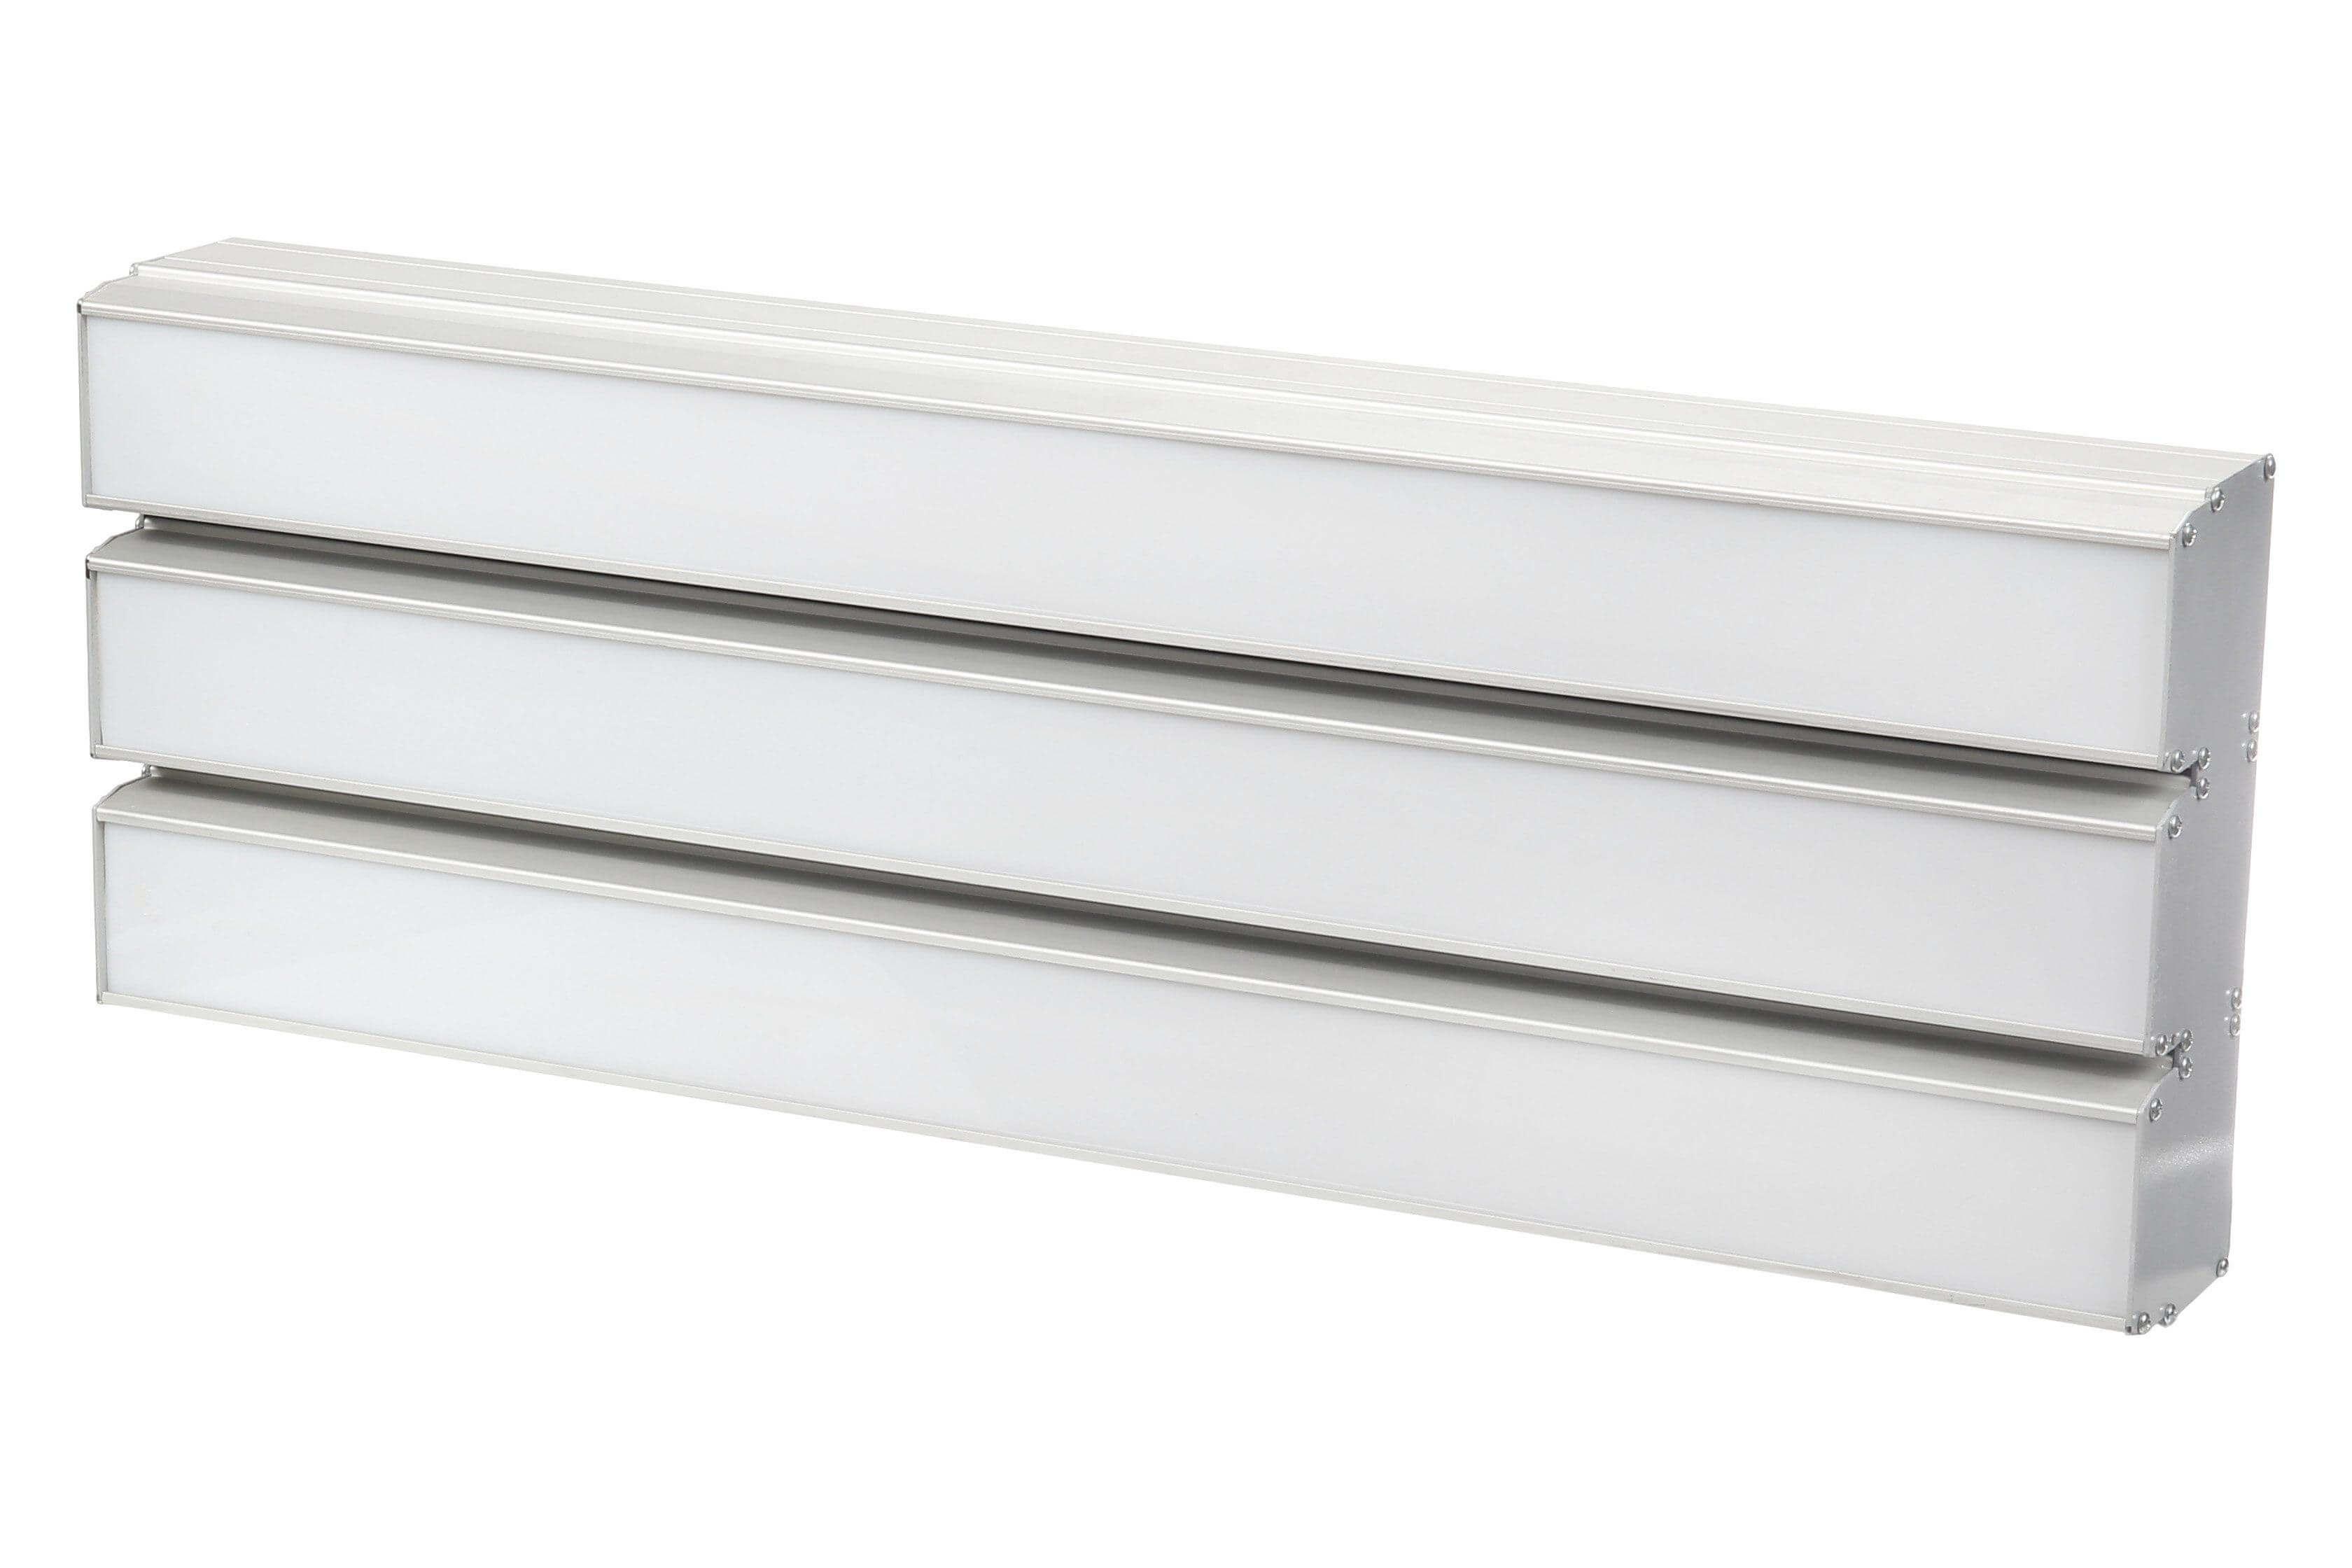 Светодиодный светильник LEDcraft LC-60-3PR-DW 60 Ватт IP20 (595 мм) Нейтральный Опал